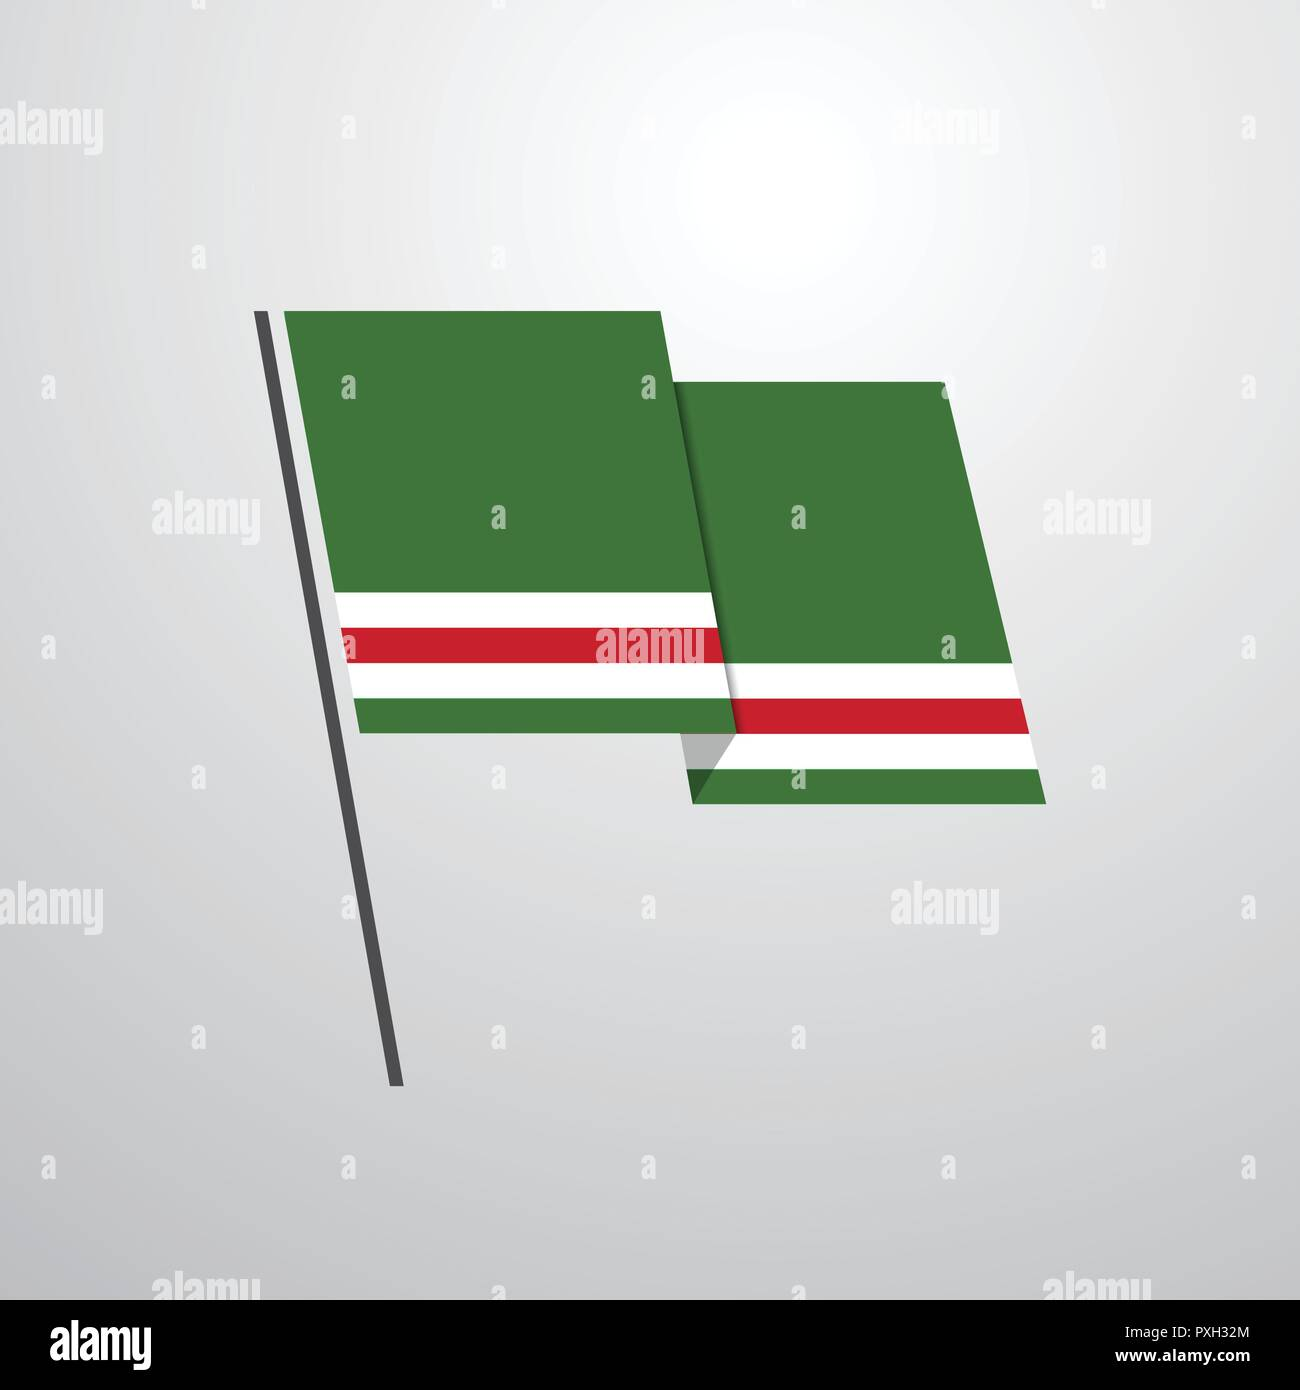 Chechen Republic of Lchkeria - Stock Image